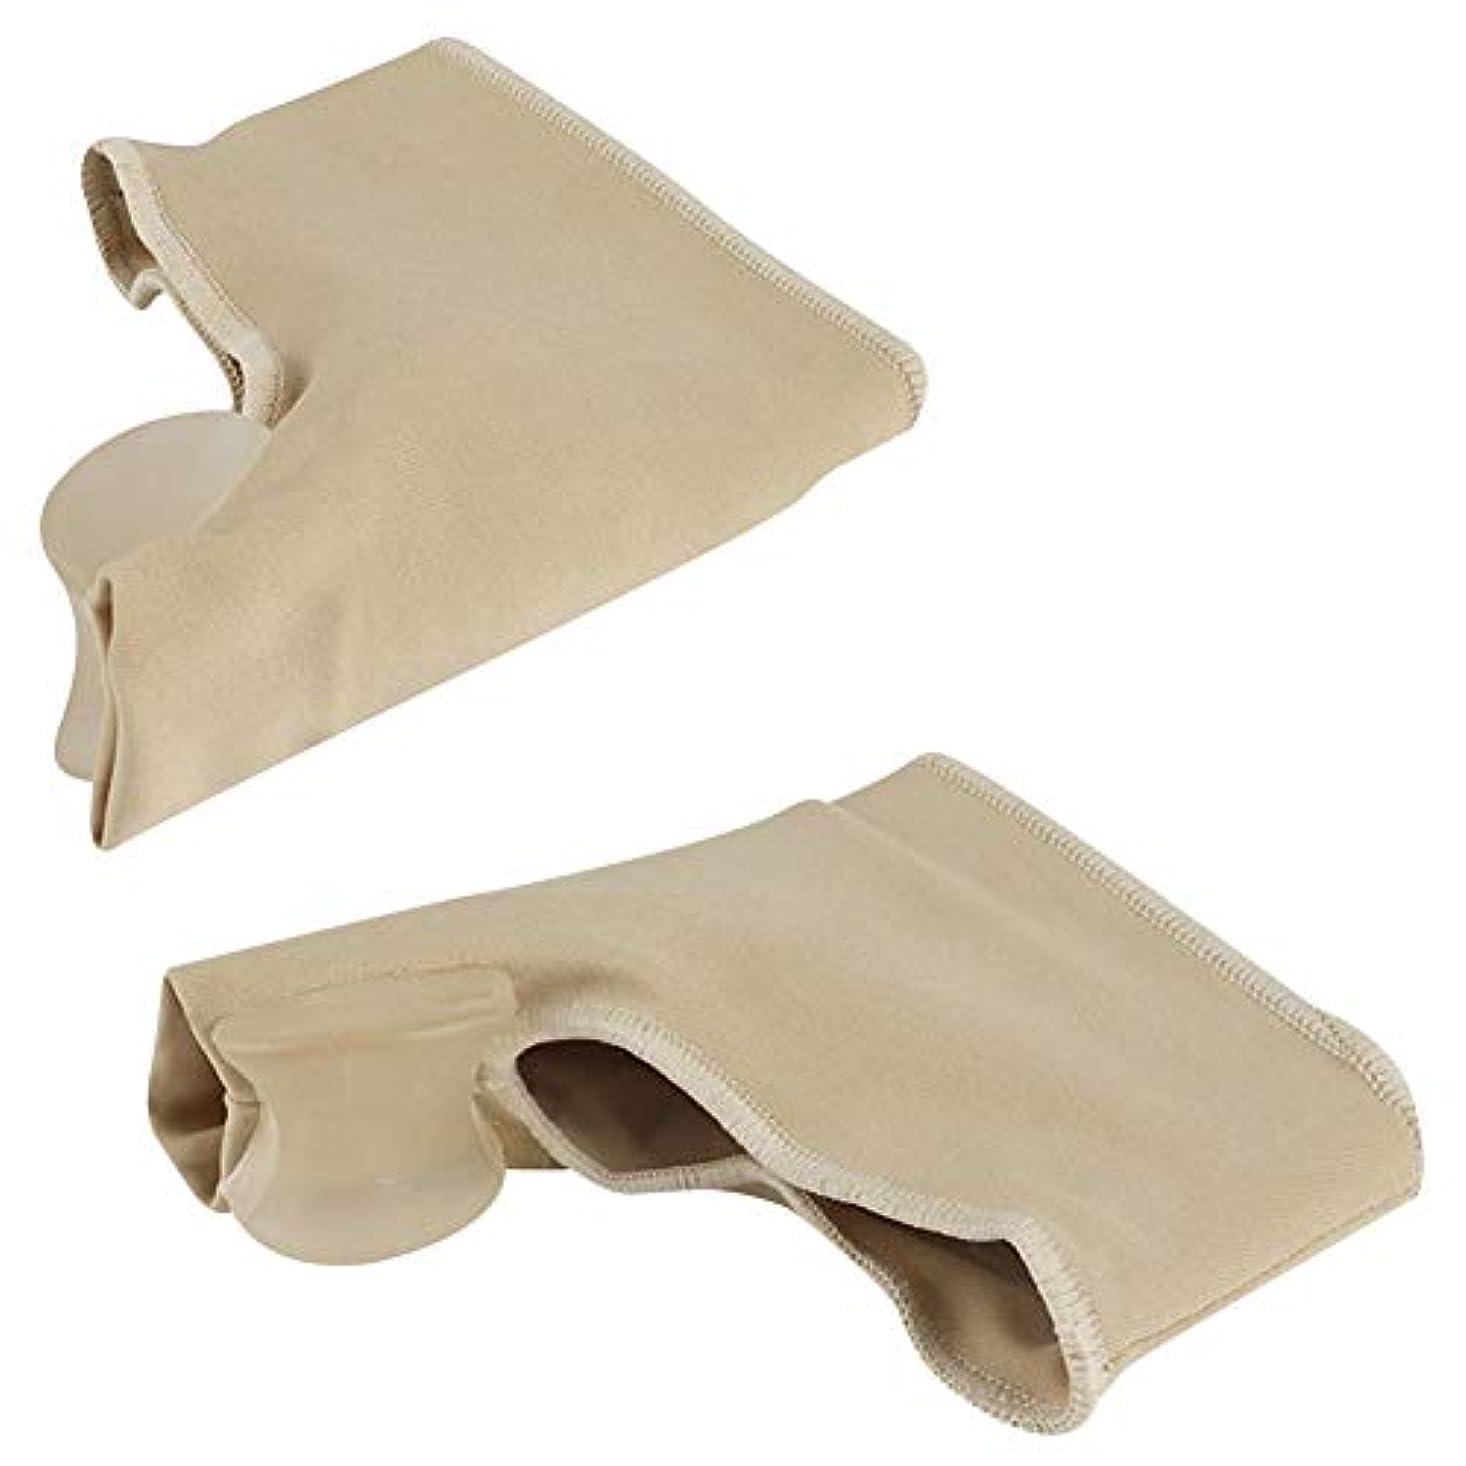 対立食事を調理する着飾るOUYOU 足指サポーター 足指を広げる 外反母趾 足指矯正パッド 血行促進 シリコン (M)